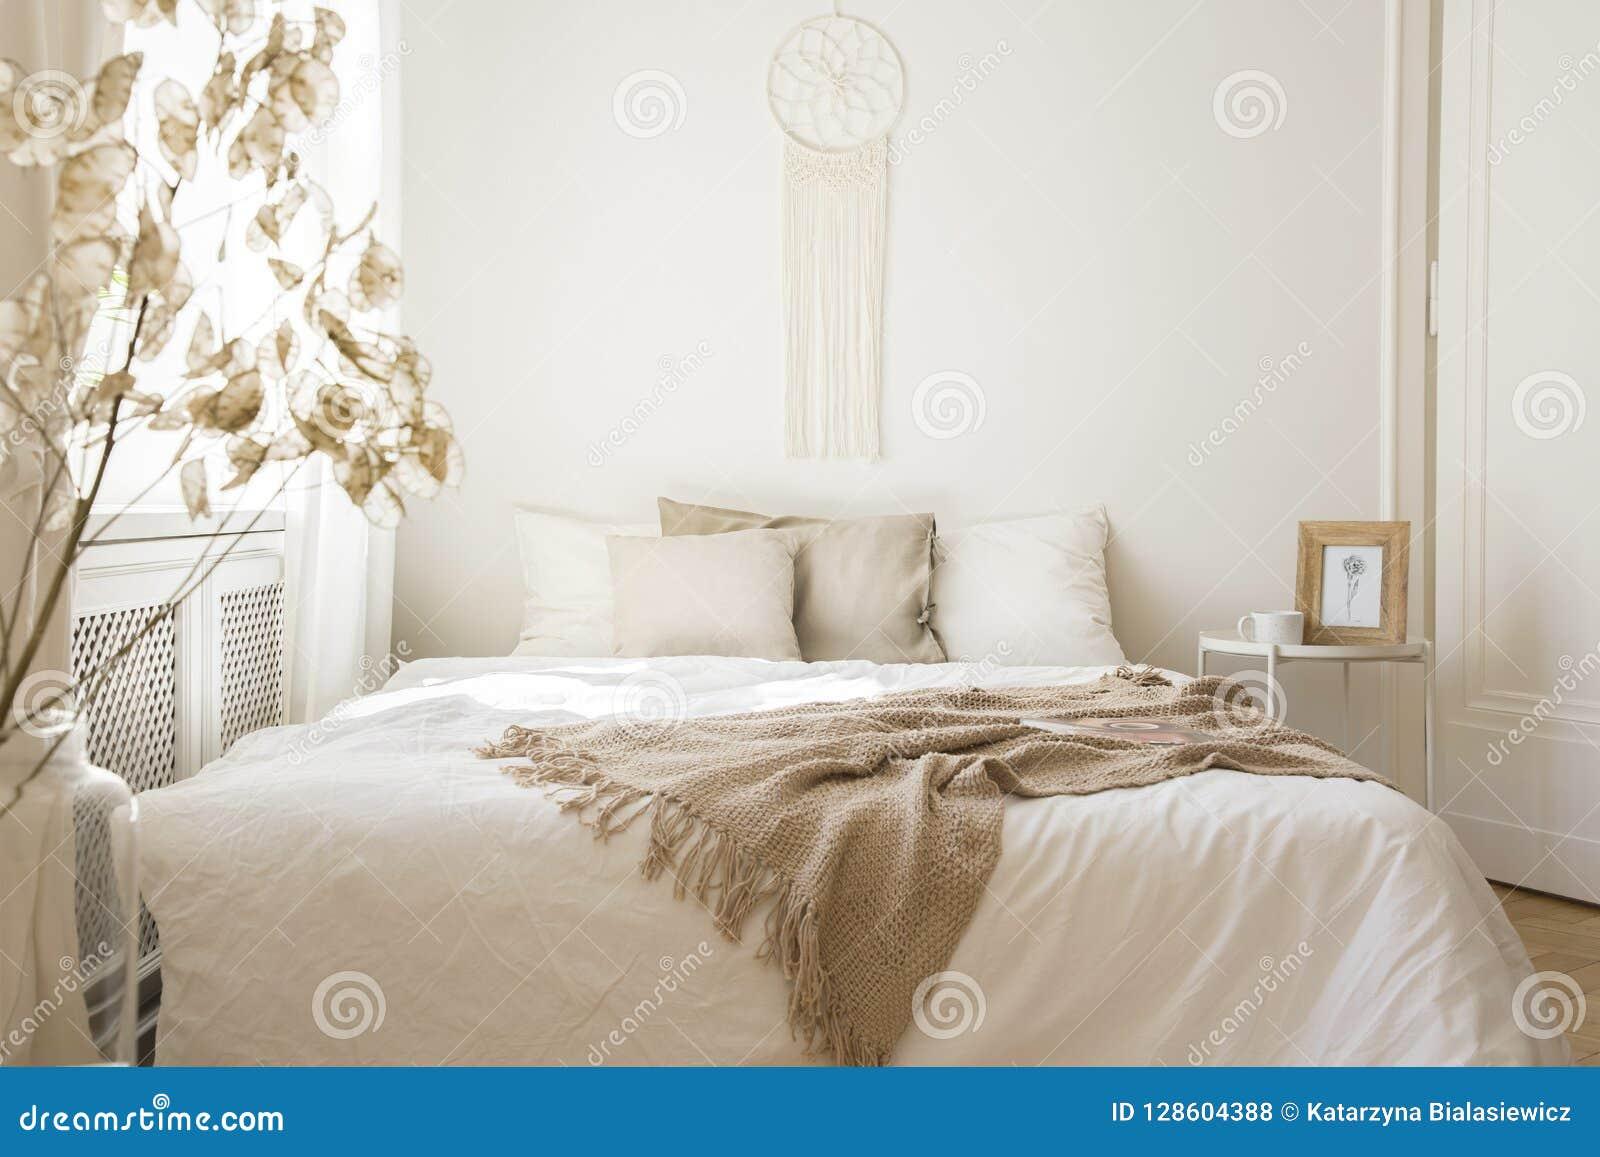 Cobertura na cama branca com os coxins no interior mínimo do quarto com planta e tabela